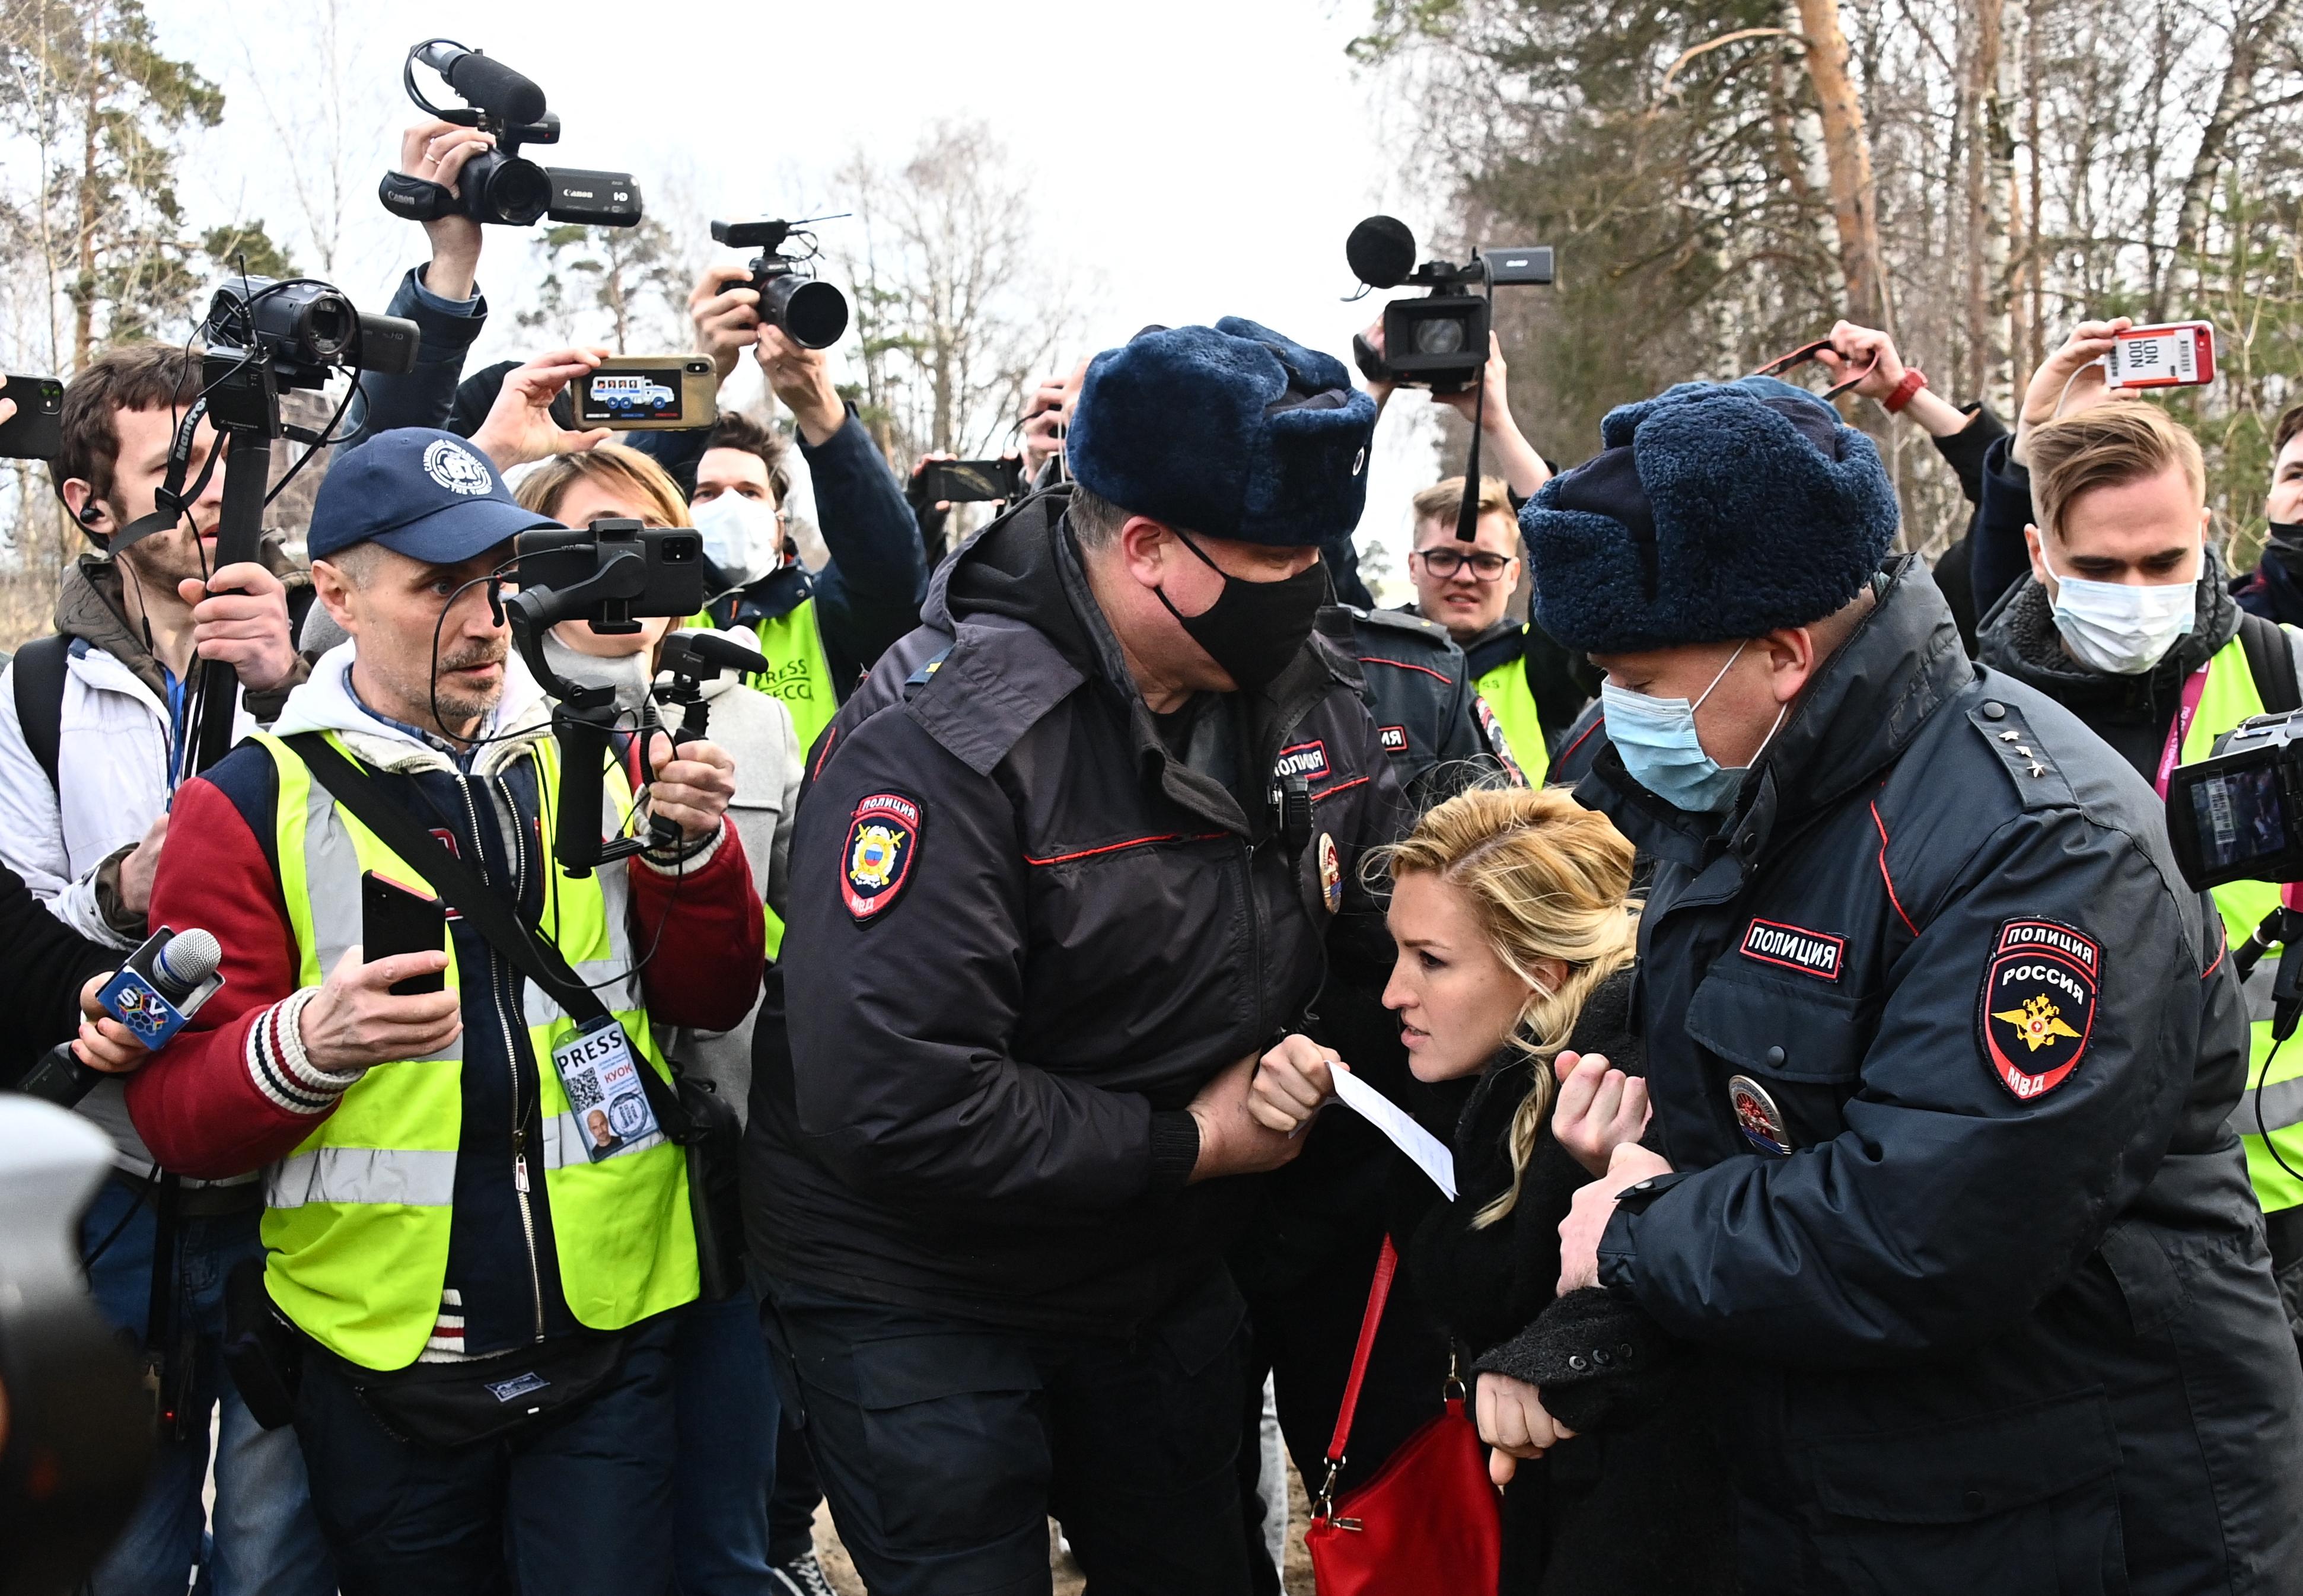 Őrizetbe vették Navalnij orvosát, amikor kórházi kezelést követelt neki a büntetőtábor előtt